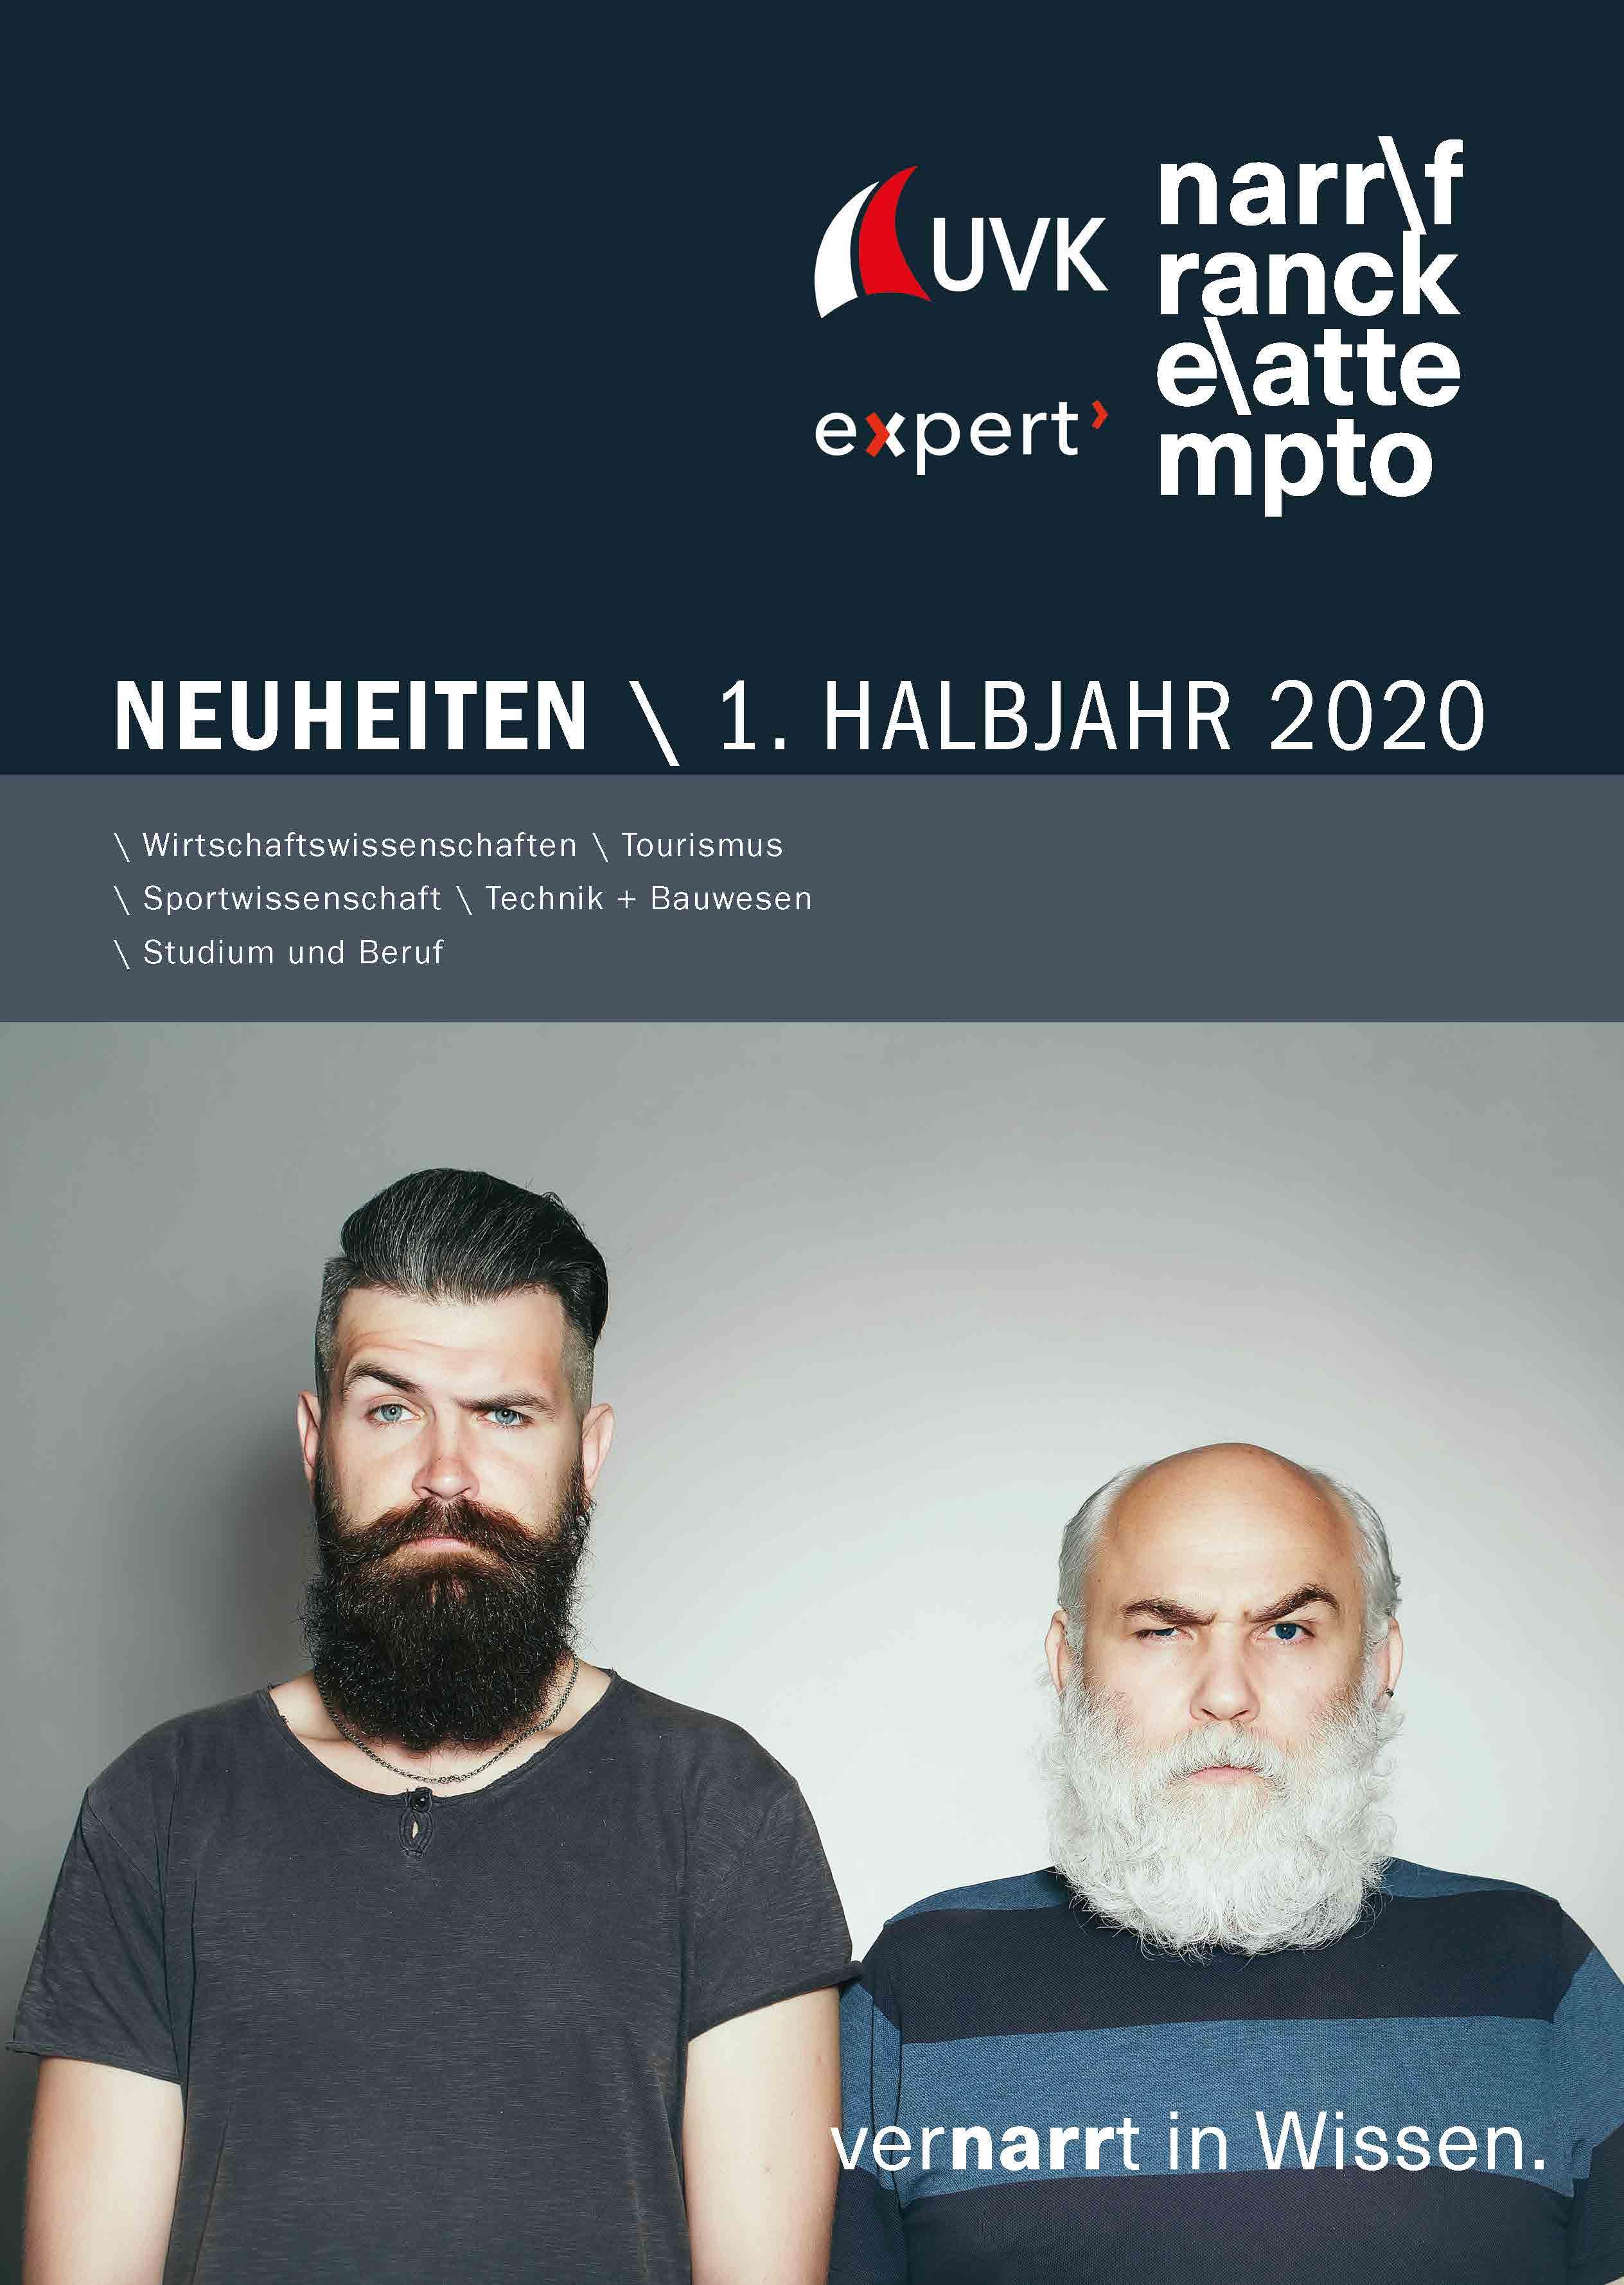 Vorschau 1. Halbjahr 2020